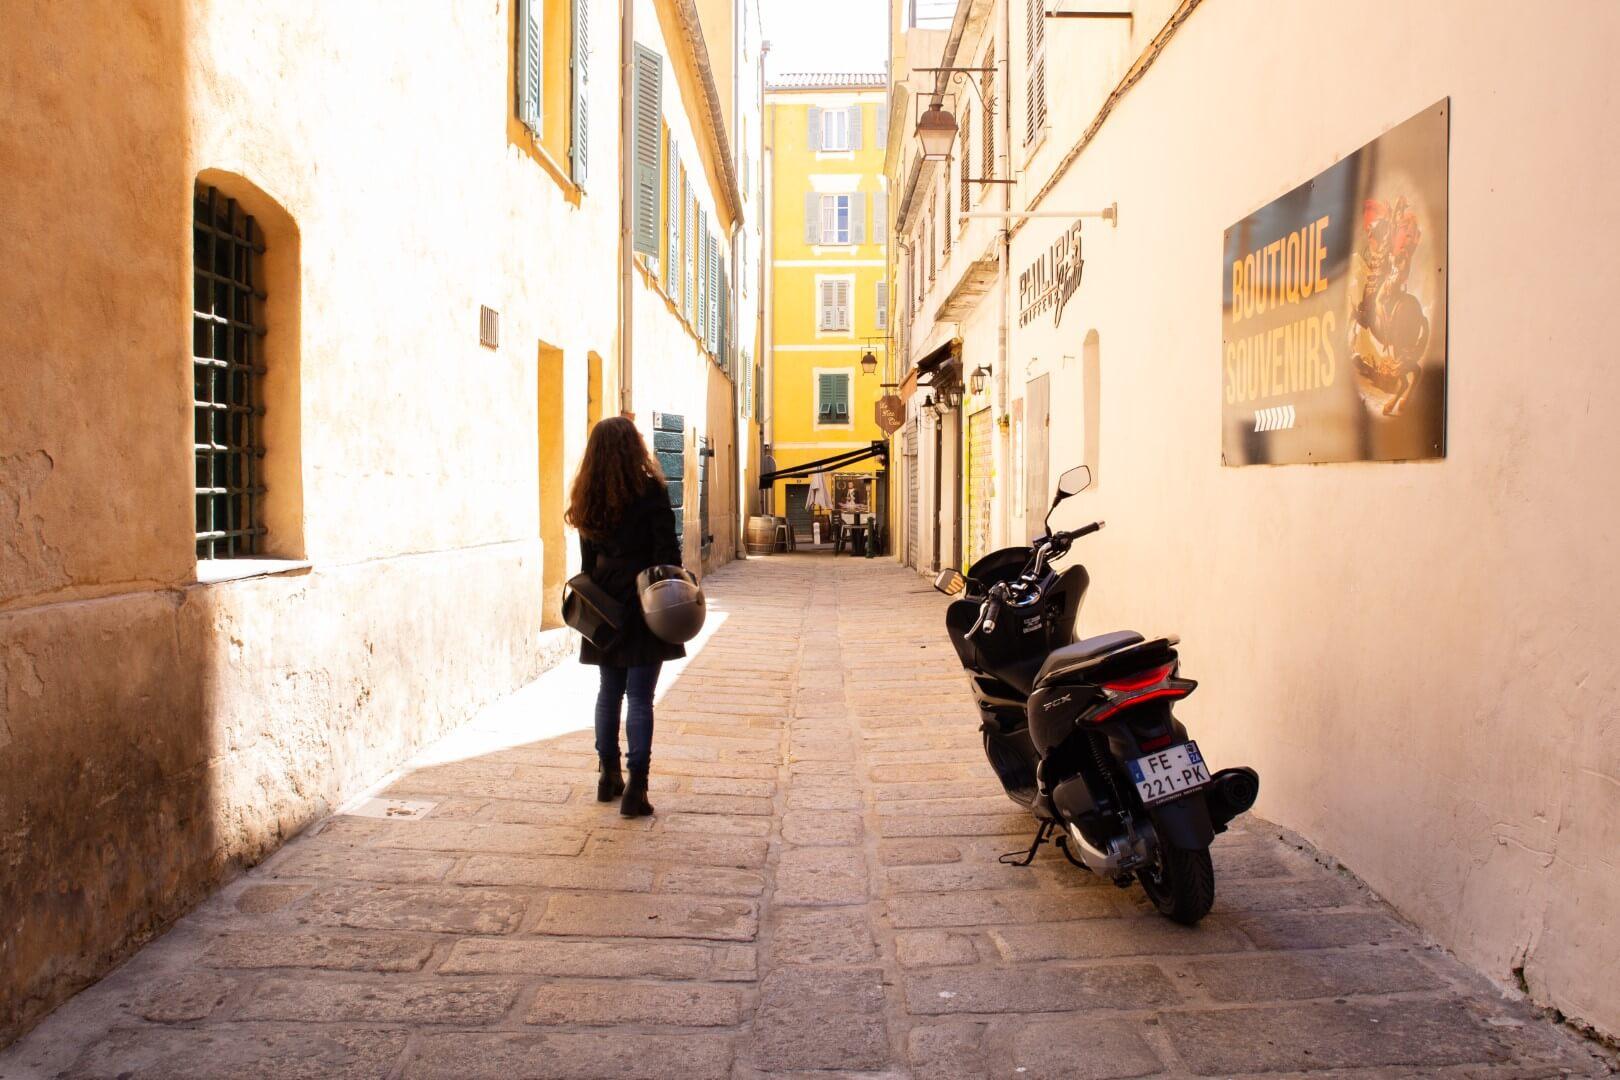 Location de scooter a Ajaccio